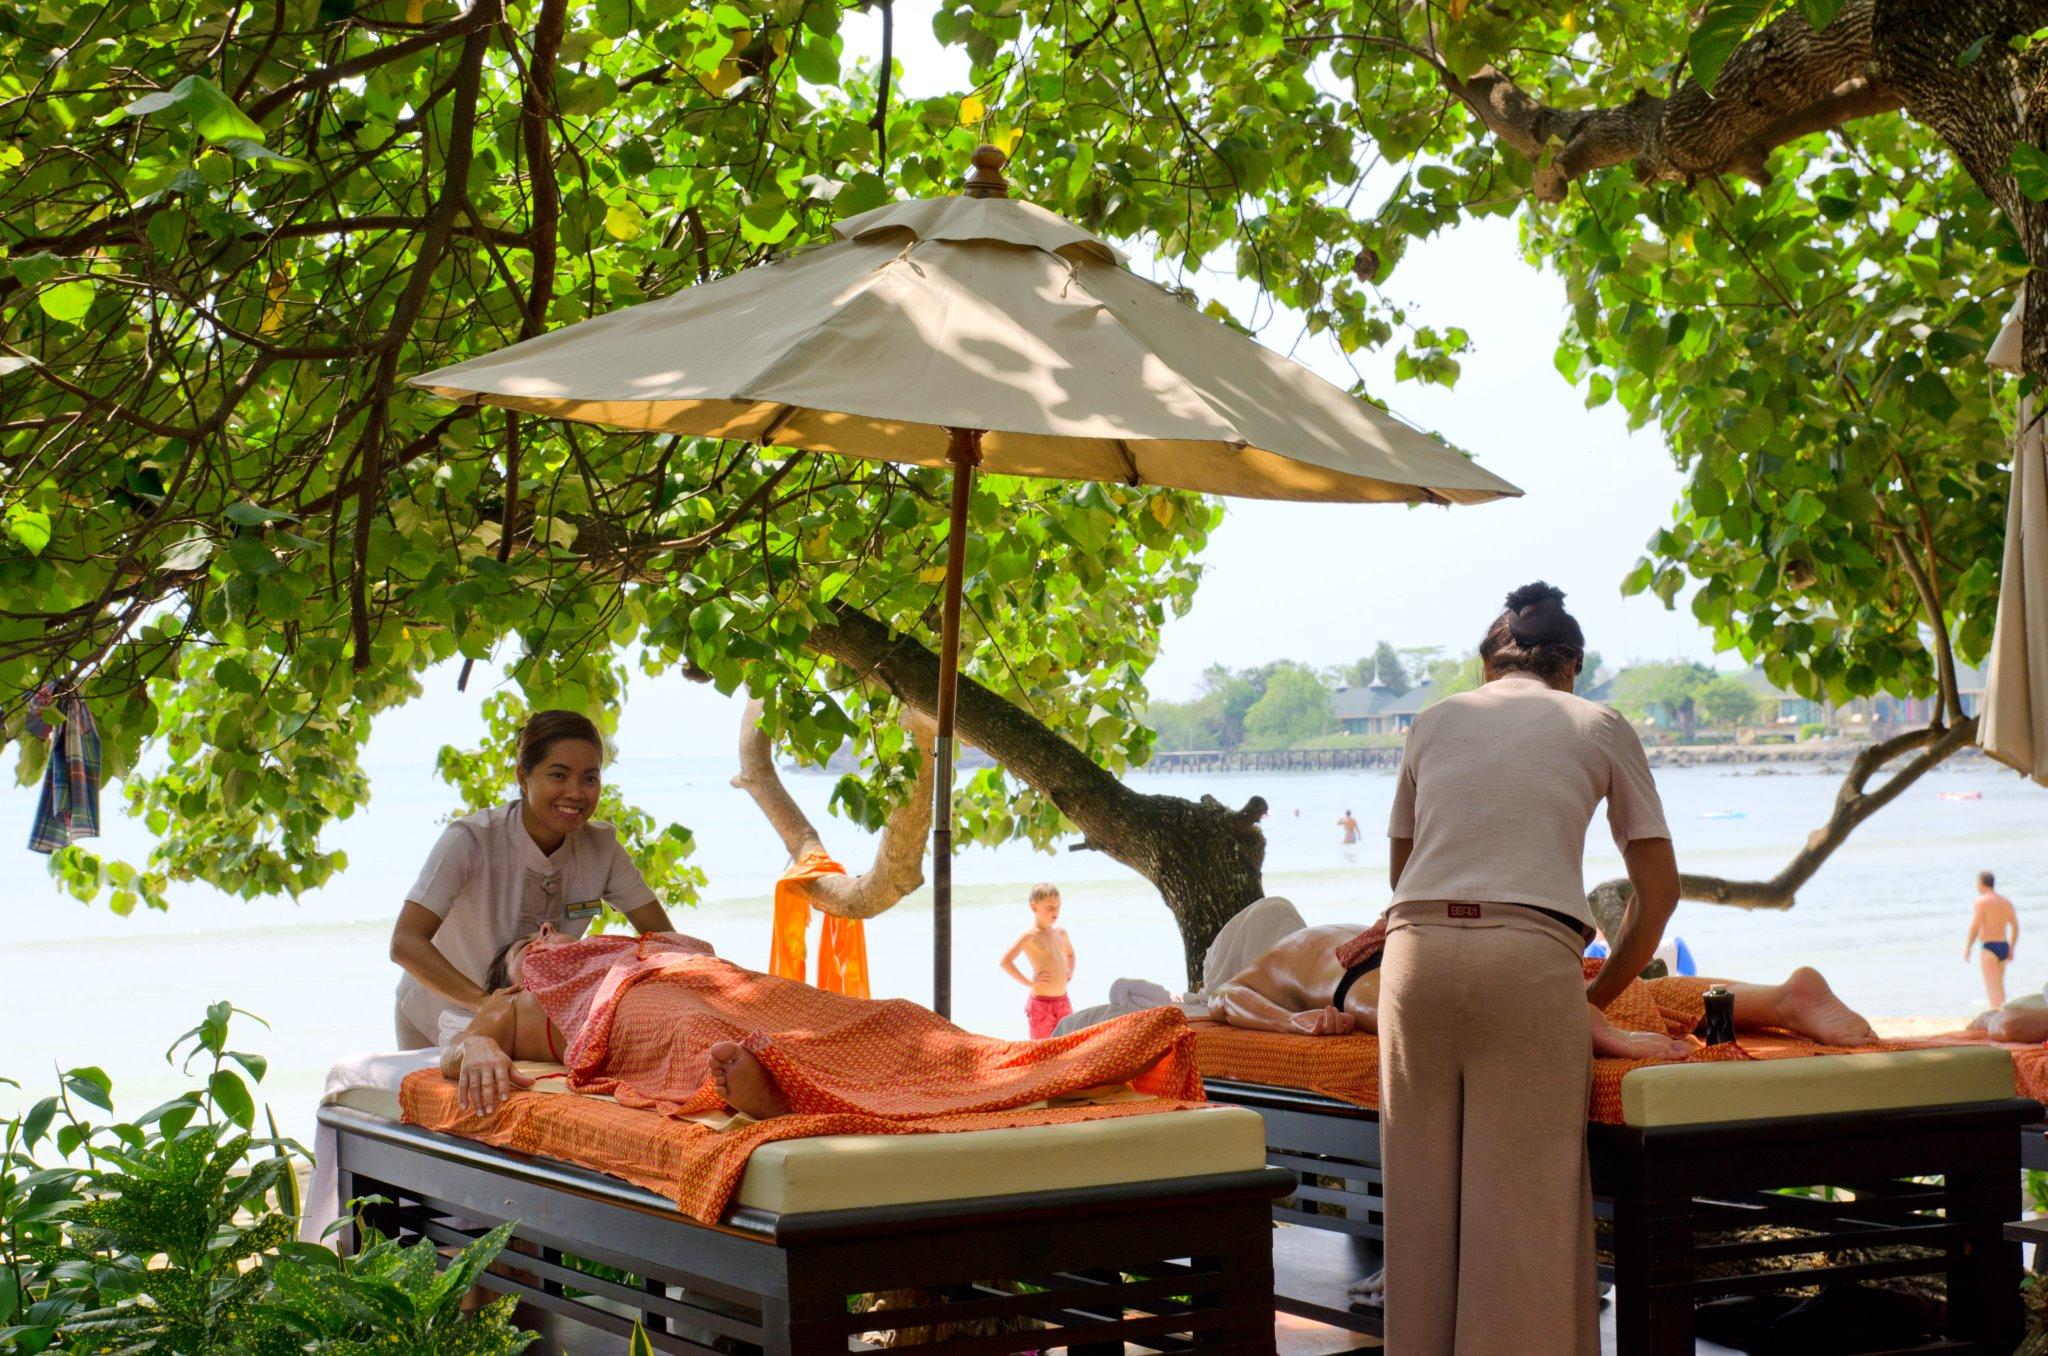 thailandsk massage år især på engelsk